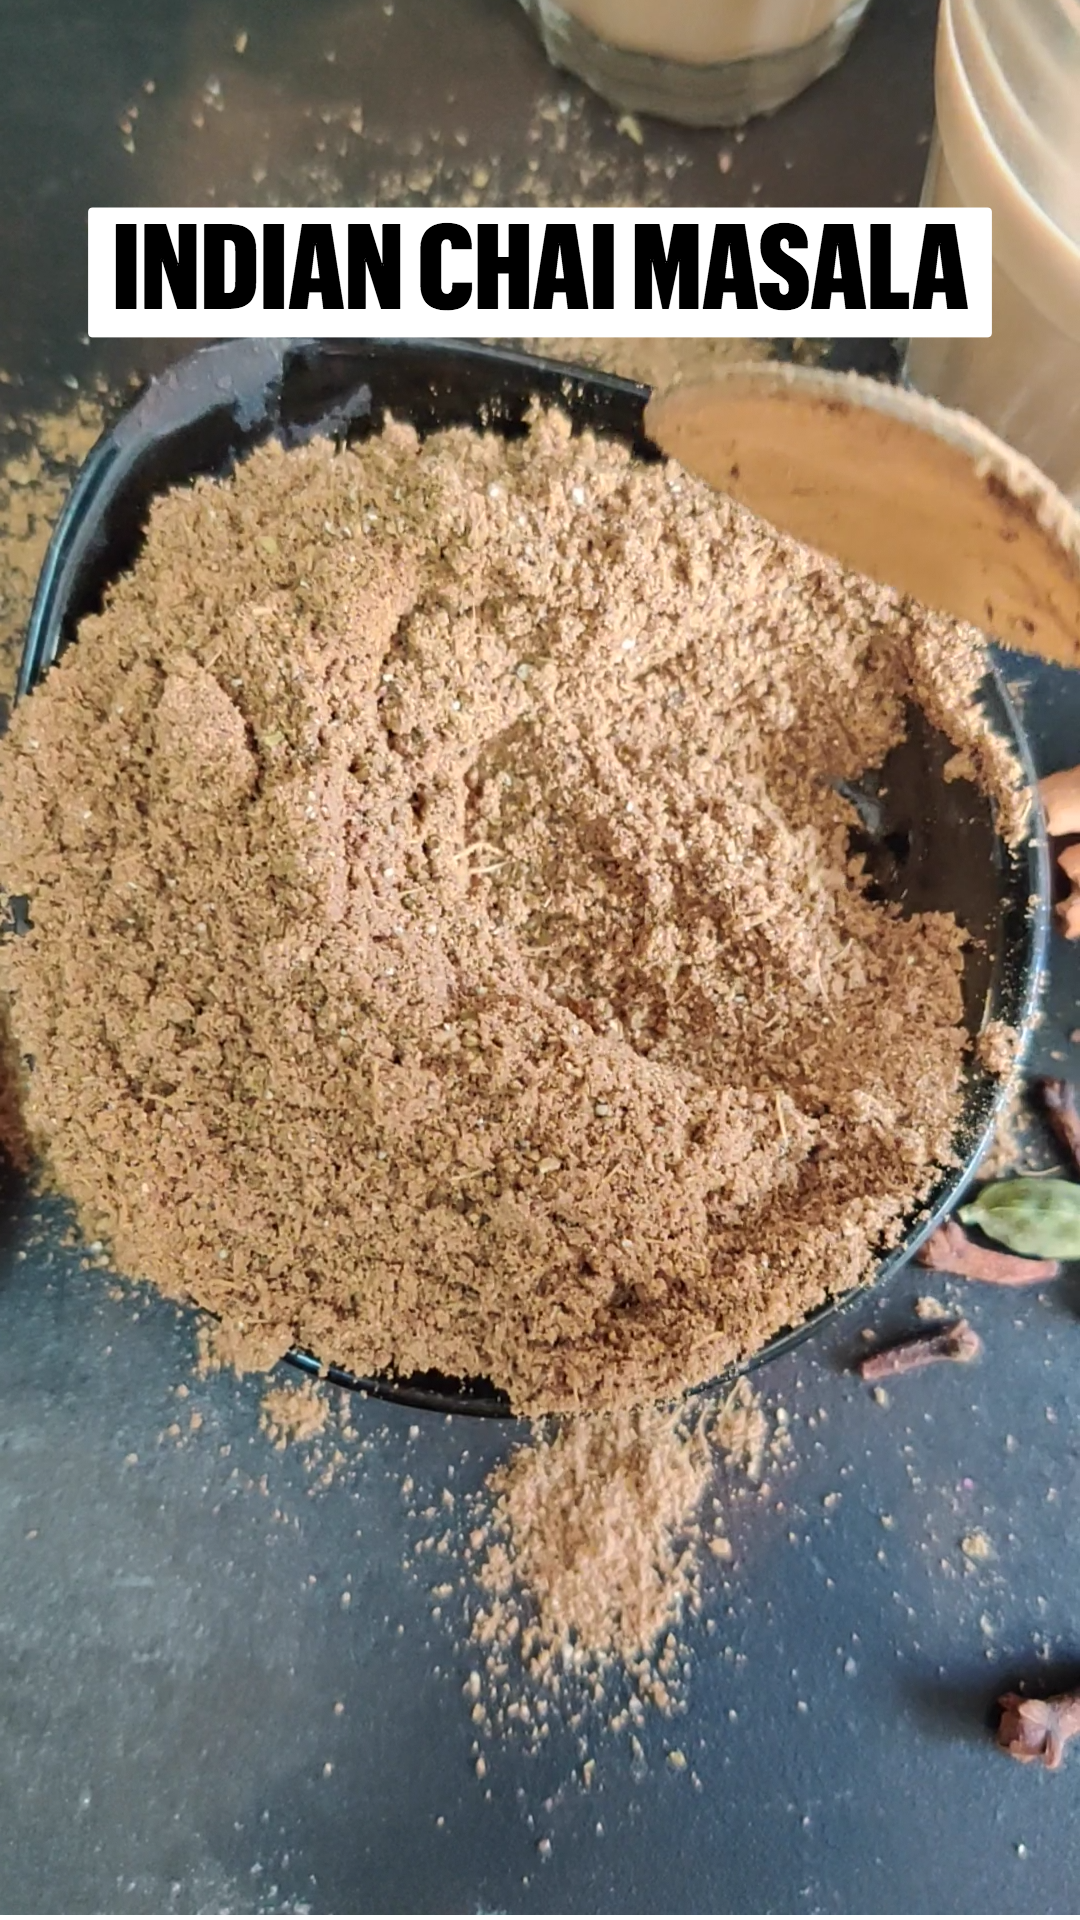 Indian Chai Masala